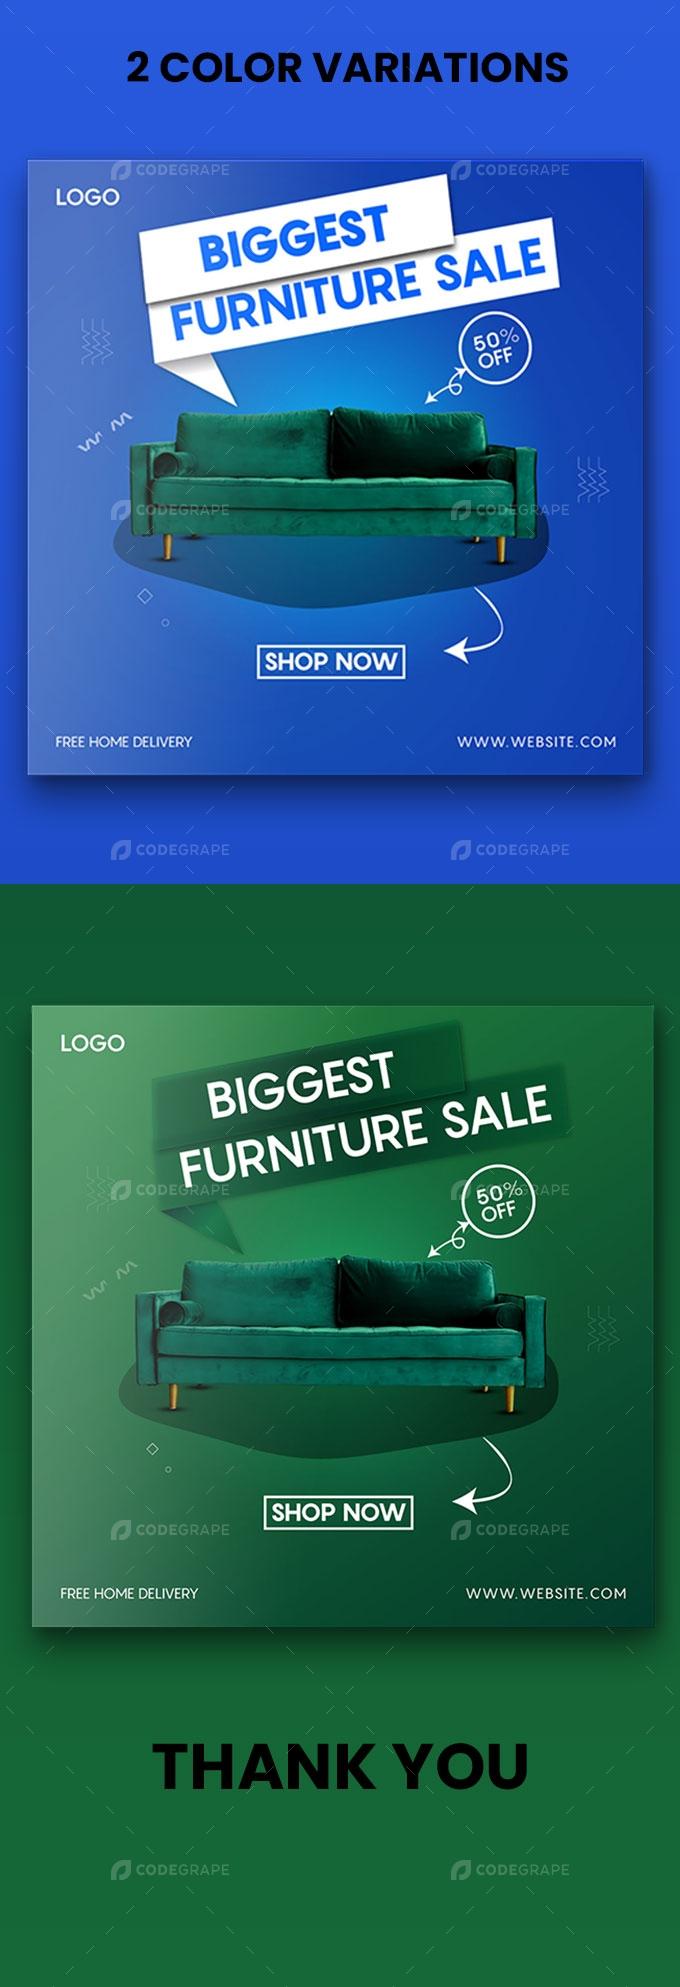 Furniture Sales Promotion Banner